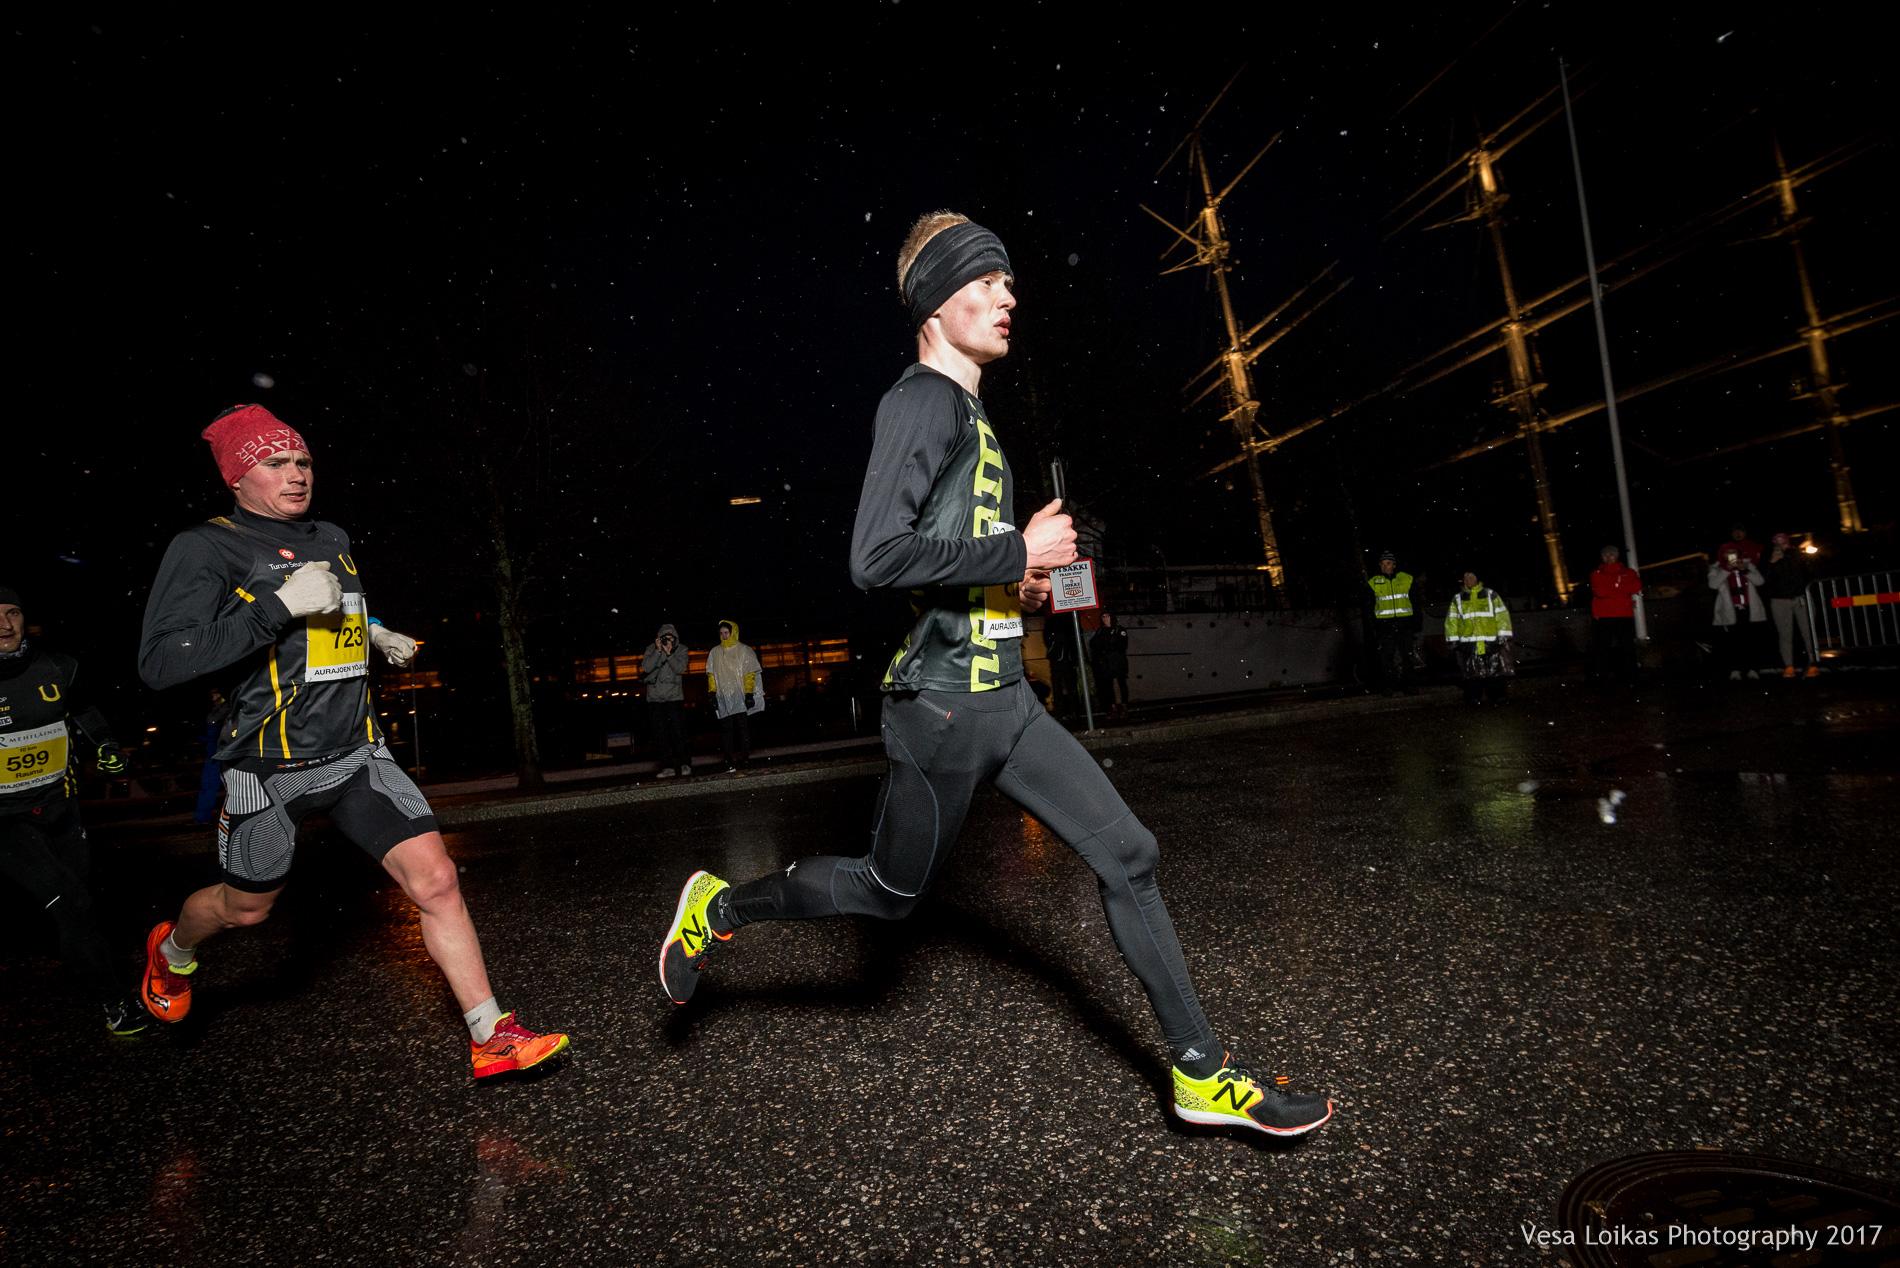 Kärki saapuu ensimmäiseltä 5 km kierrokselta | The top runners after the first leg